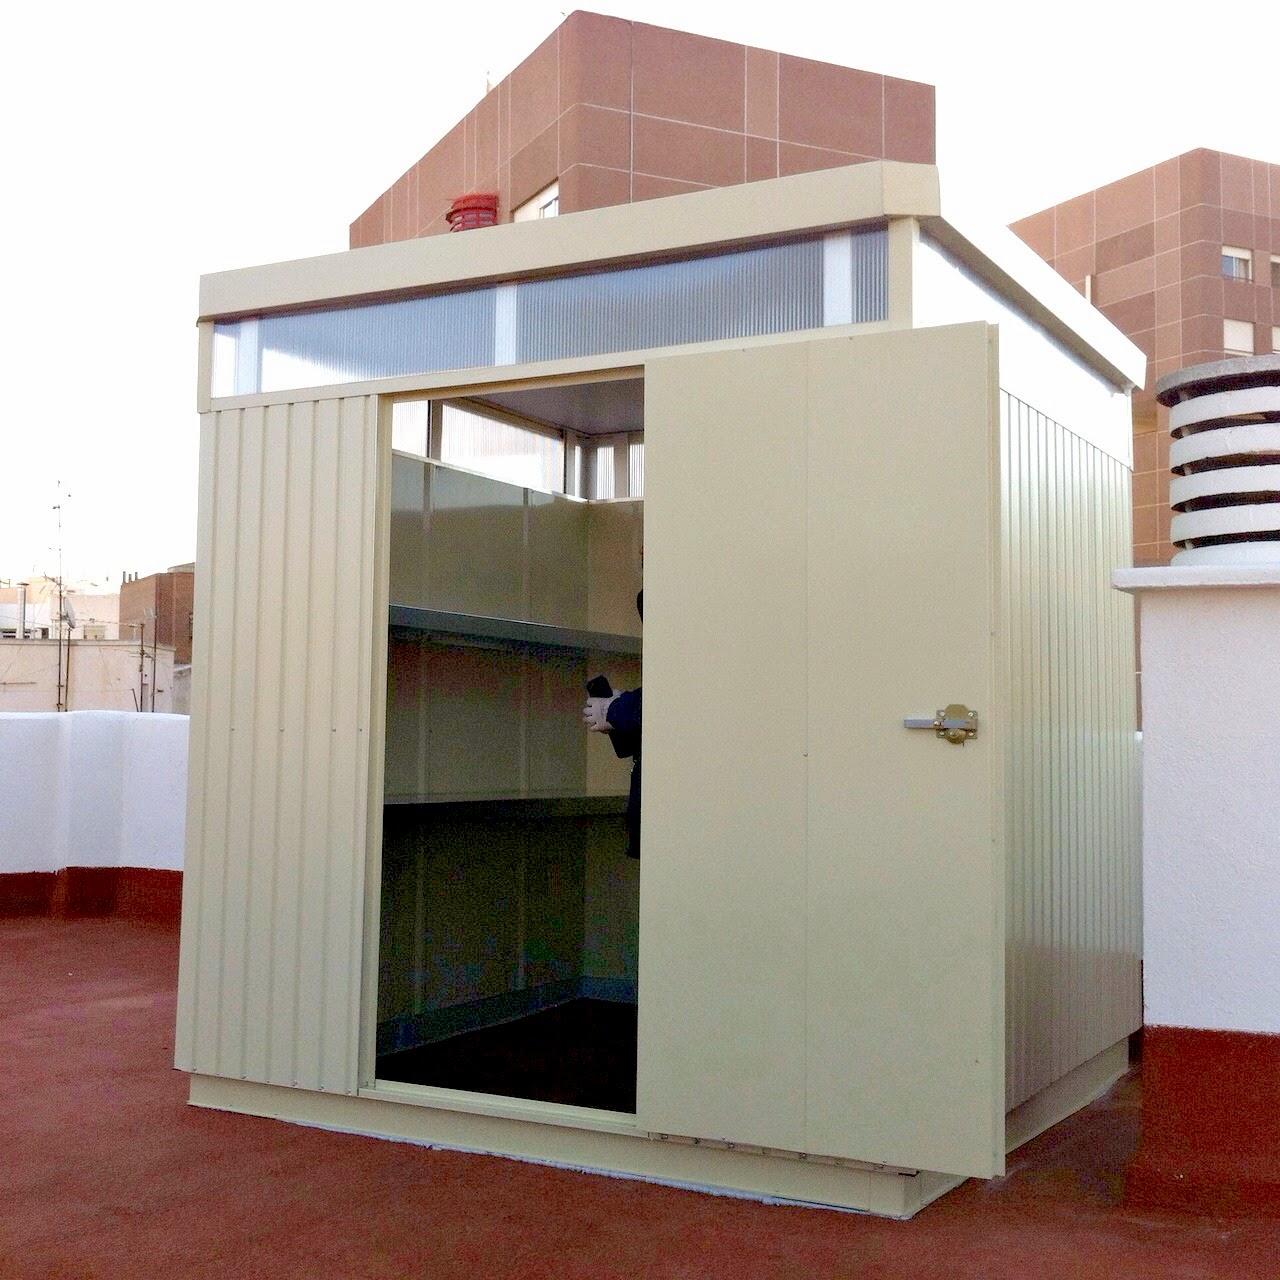 Trasteros met licos para terraza y jard n ltimas for Trasteros para terrazas